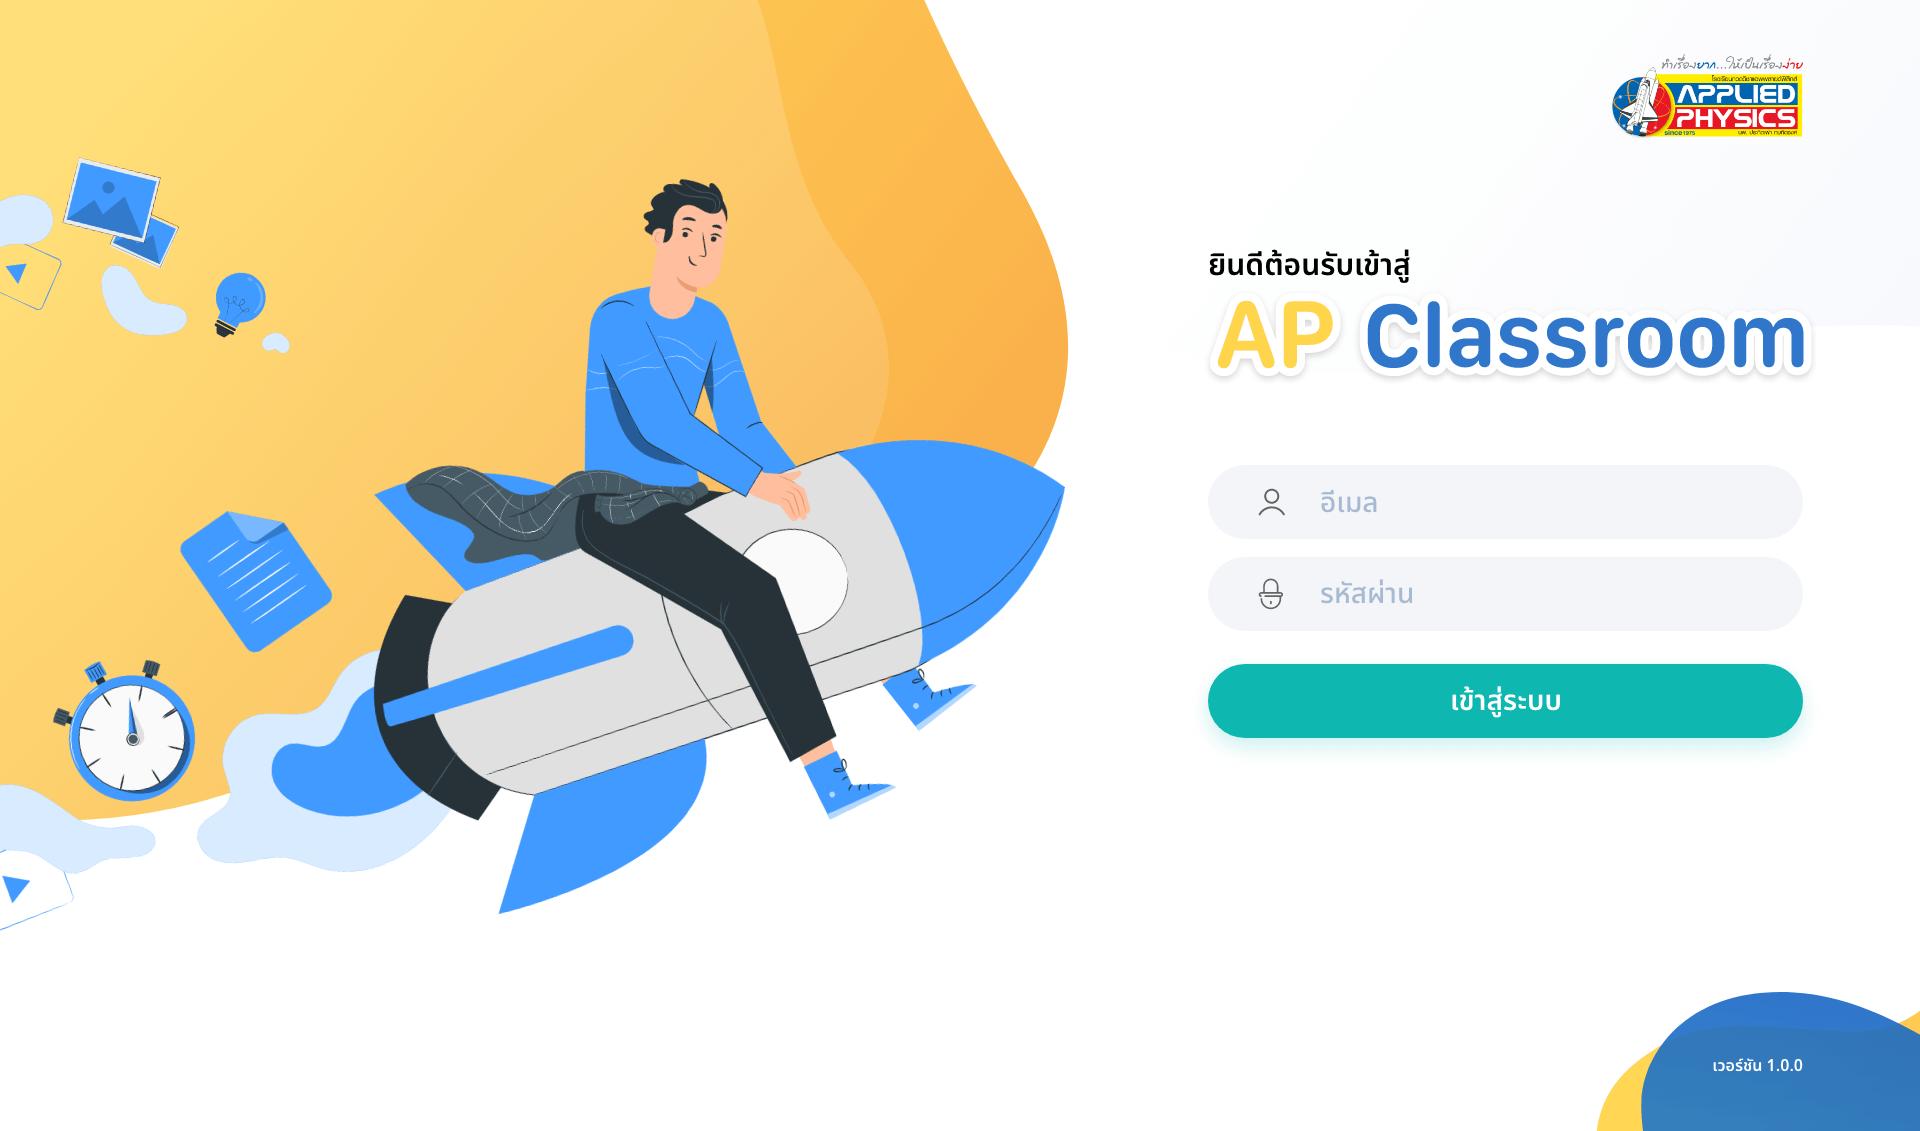 AP Classroom